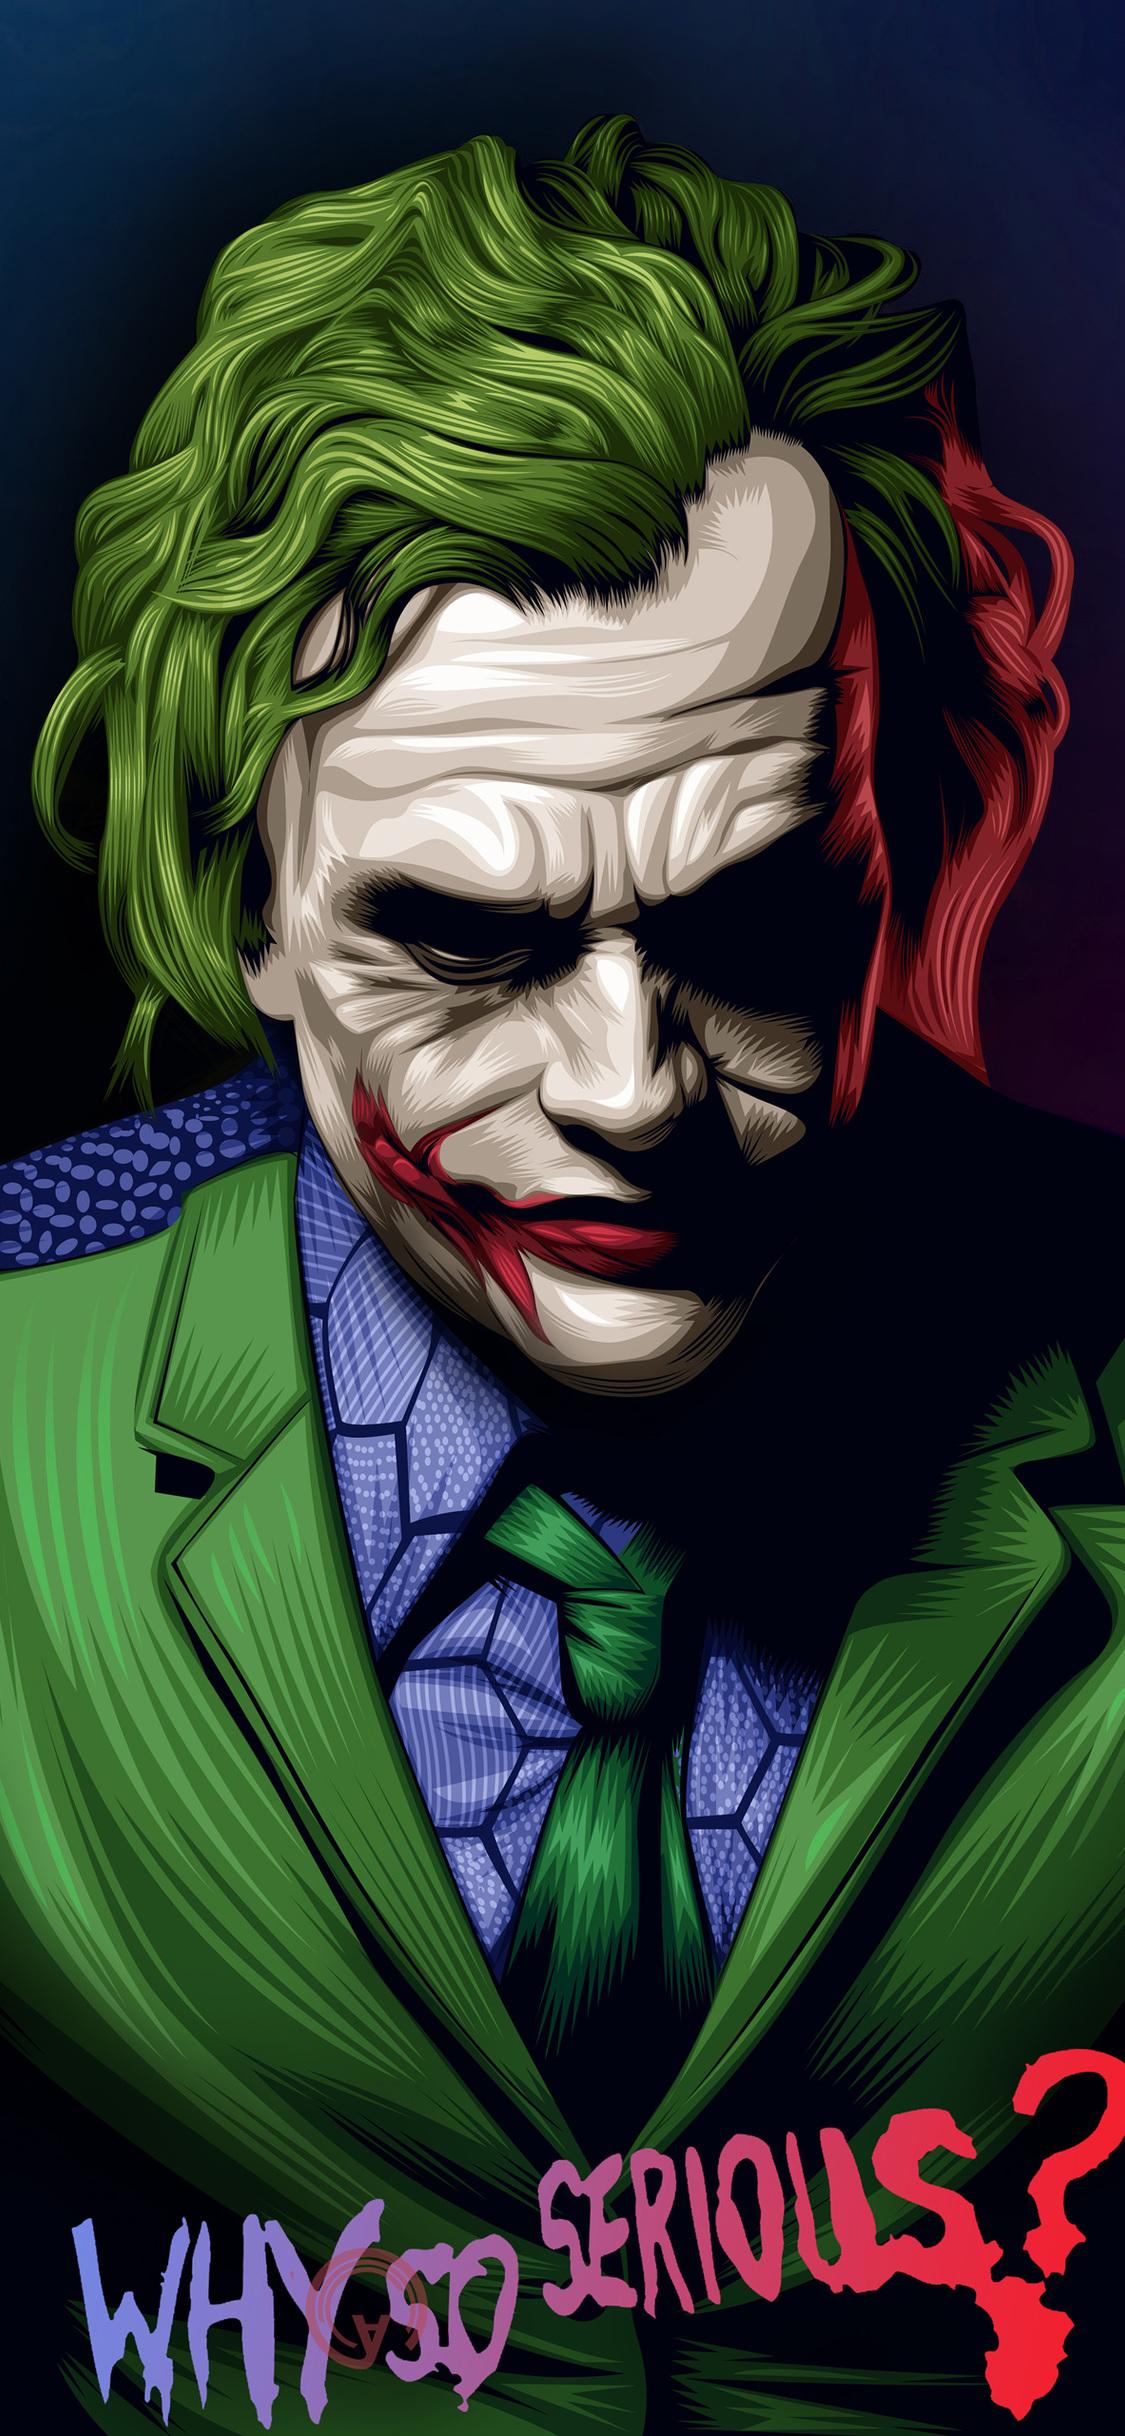 Joker Wallpaper Hd Iphone X Goodpict1st Org